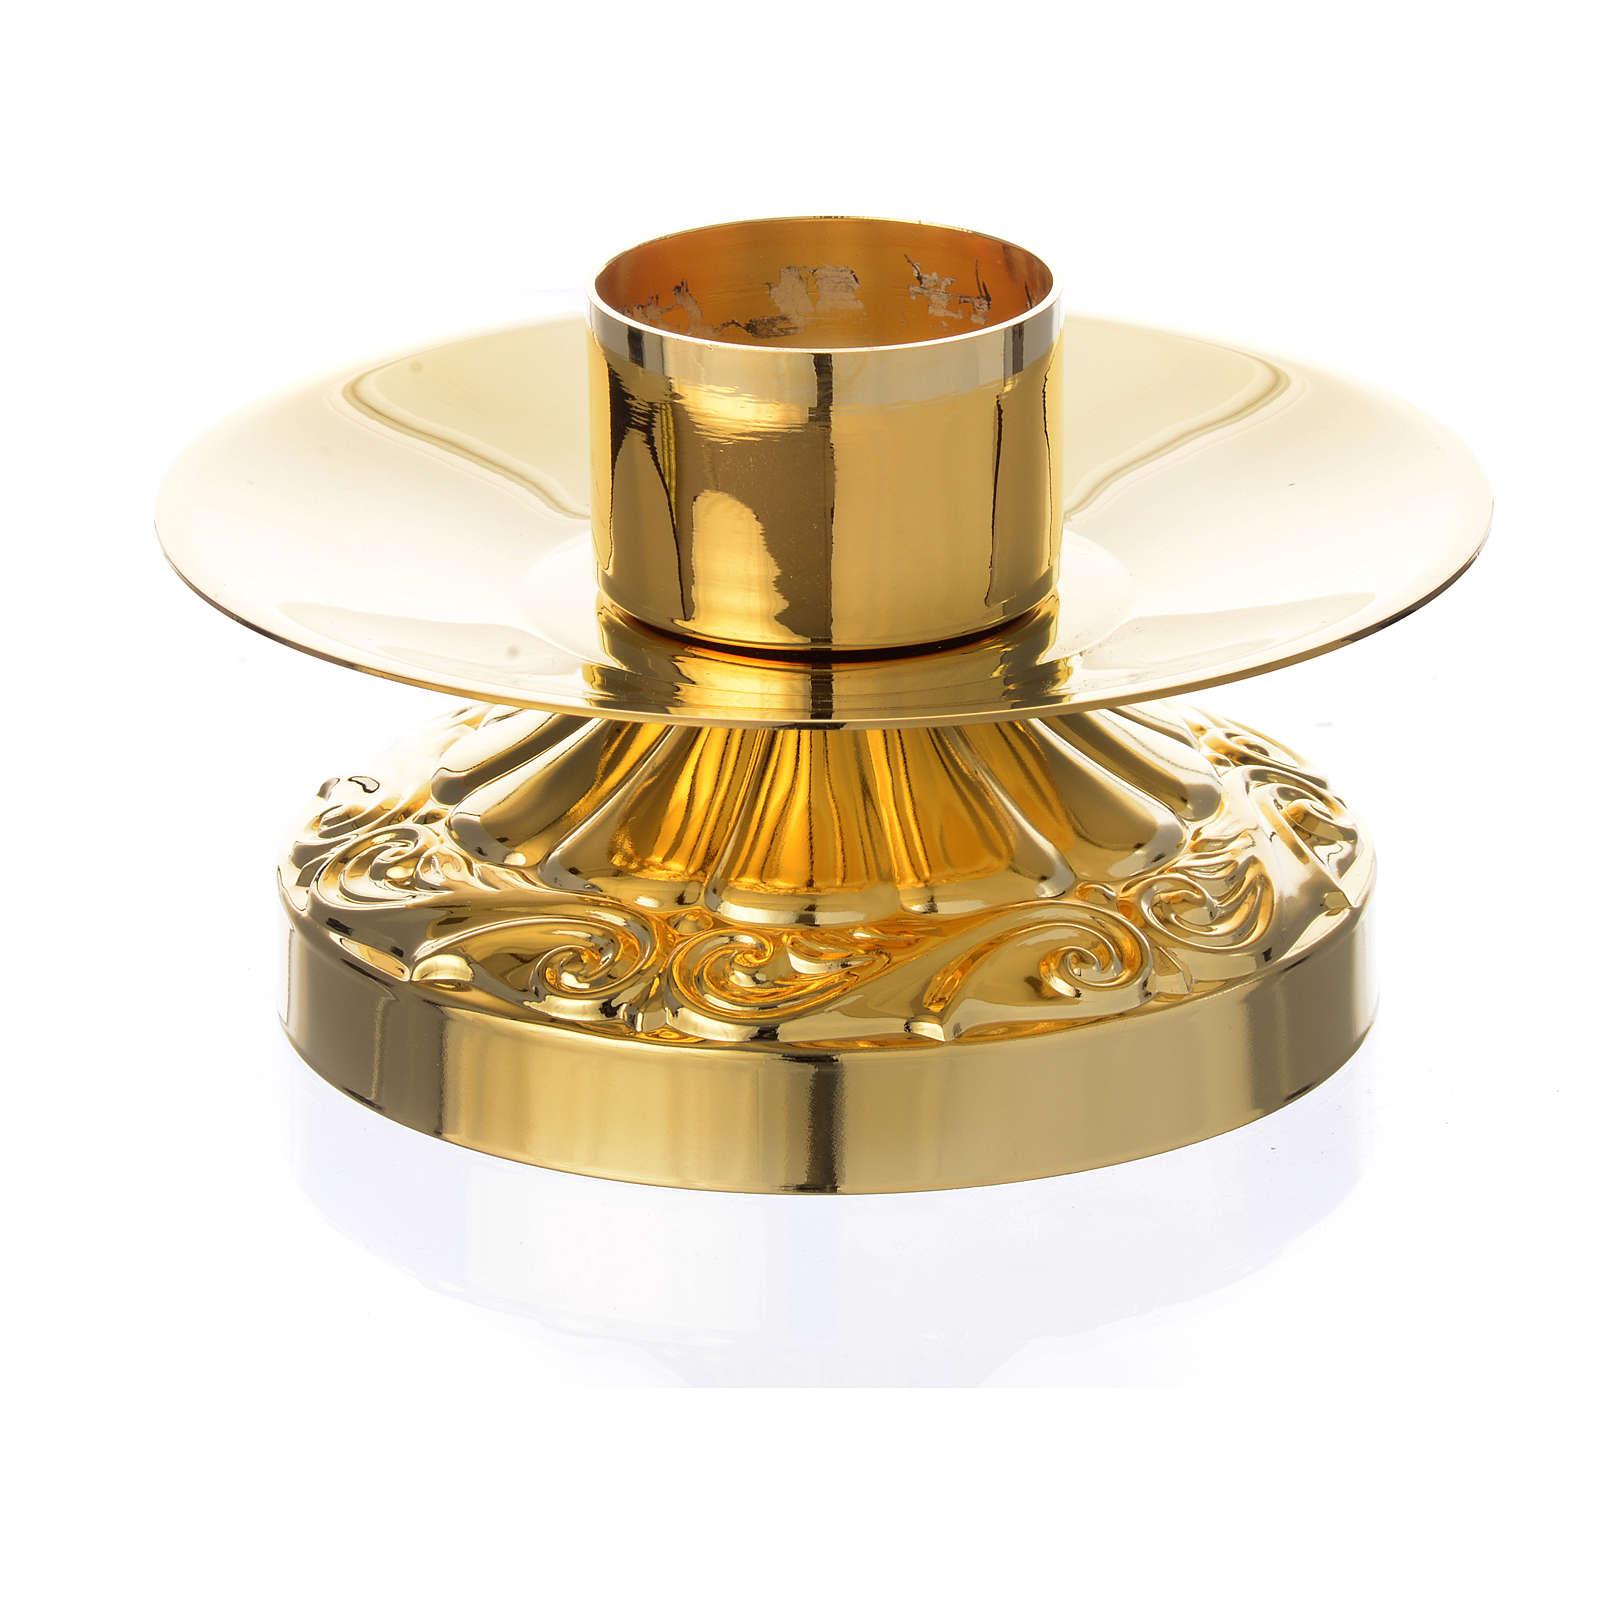 Candeliere impero ottone dorato per candele diam 4 cm 4